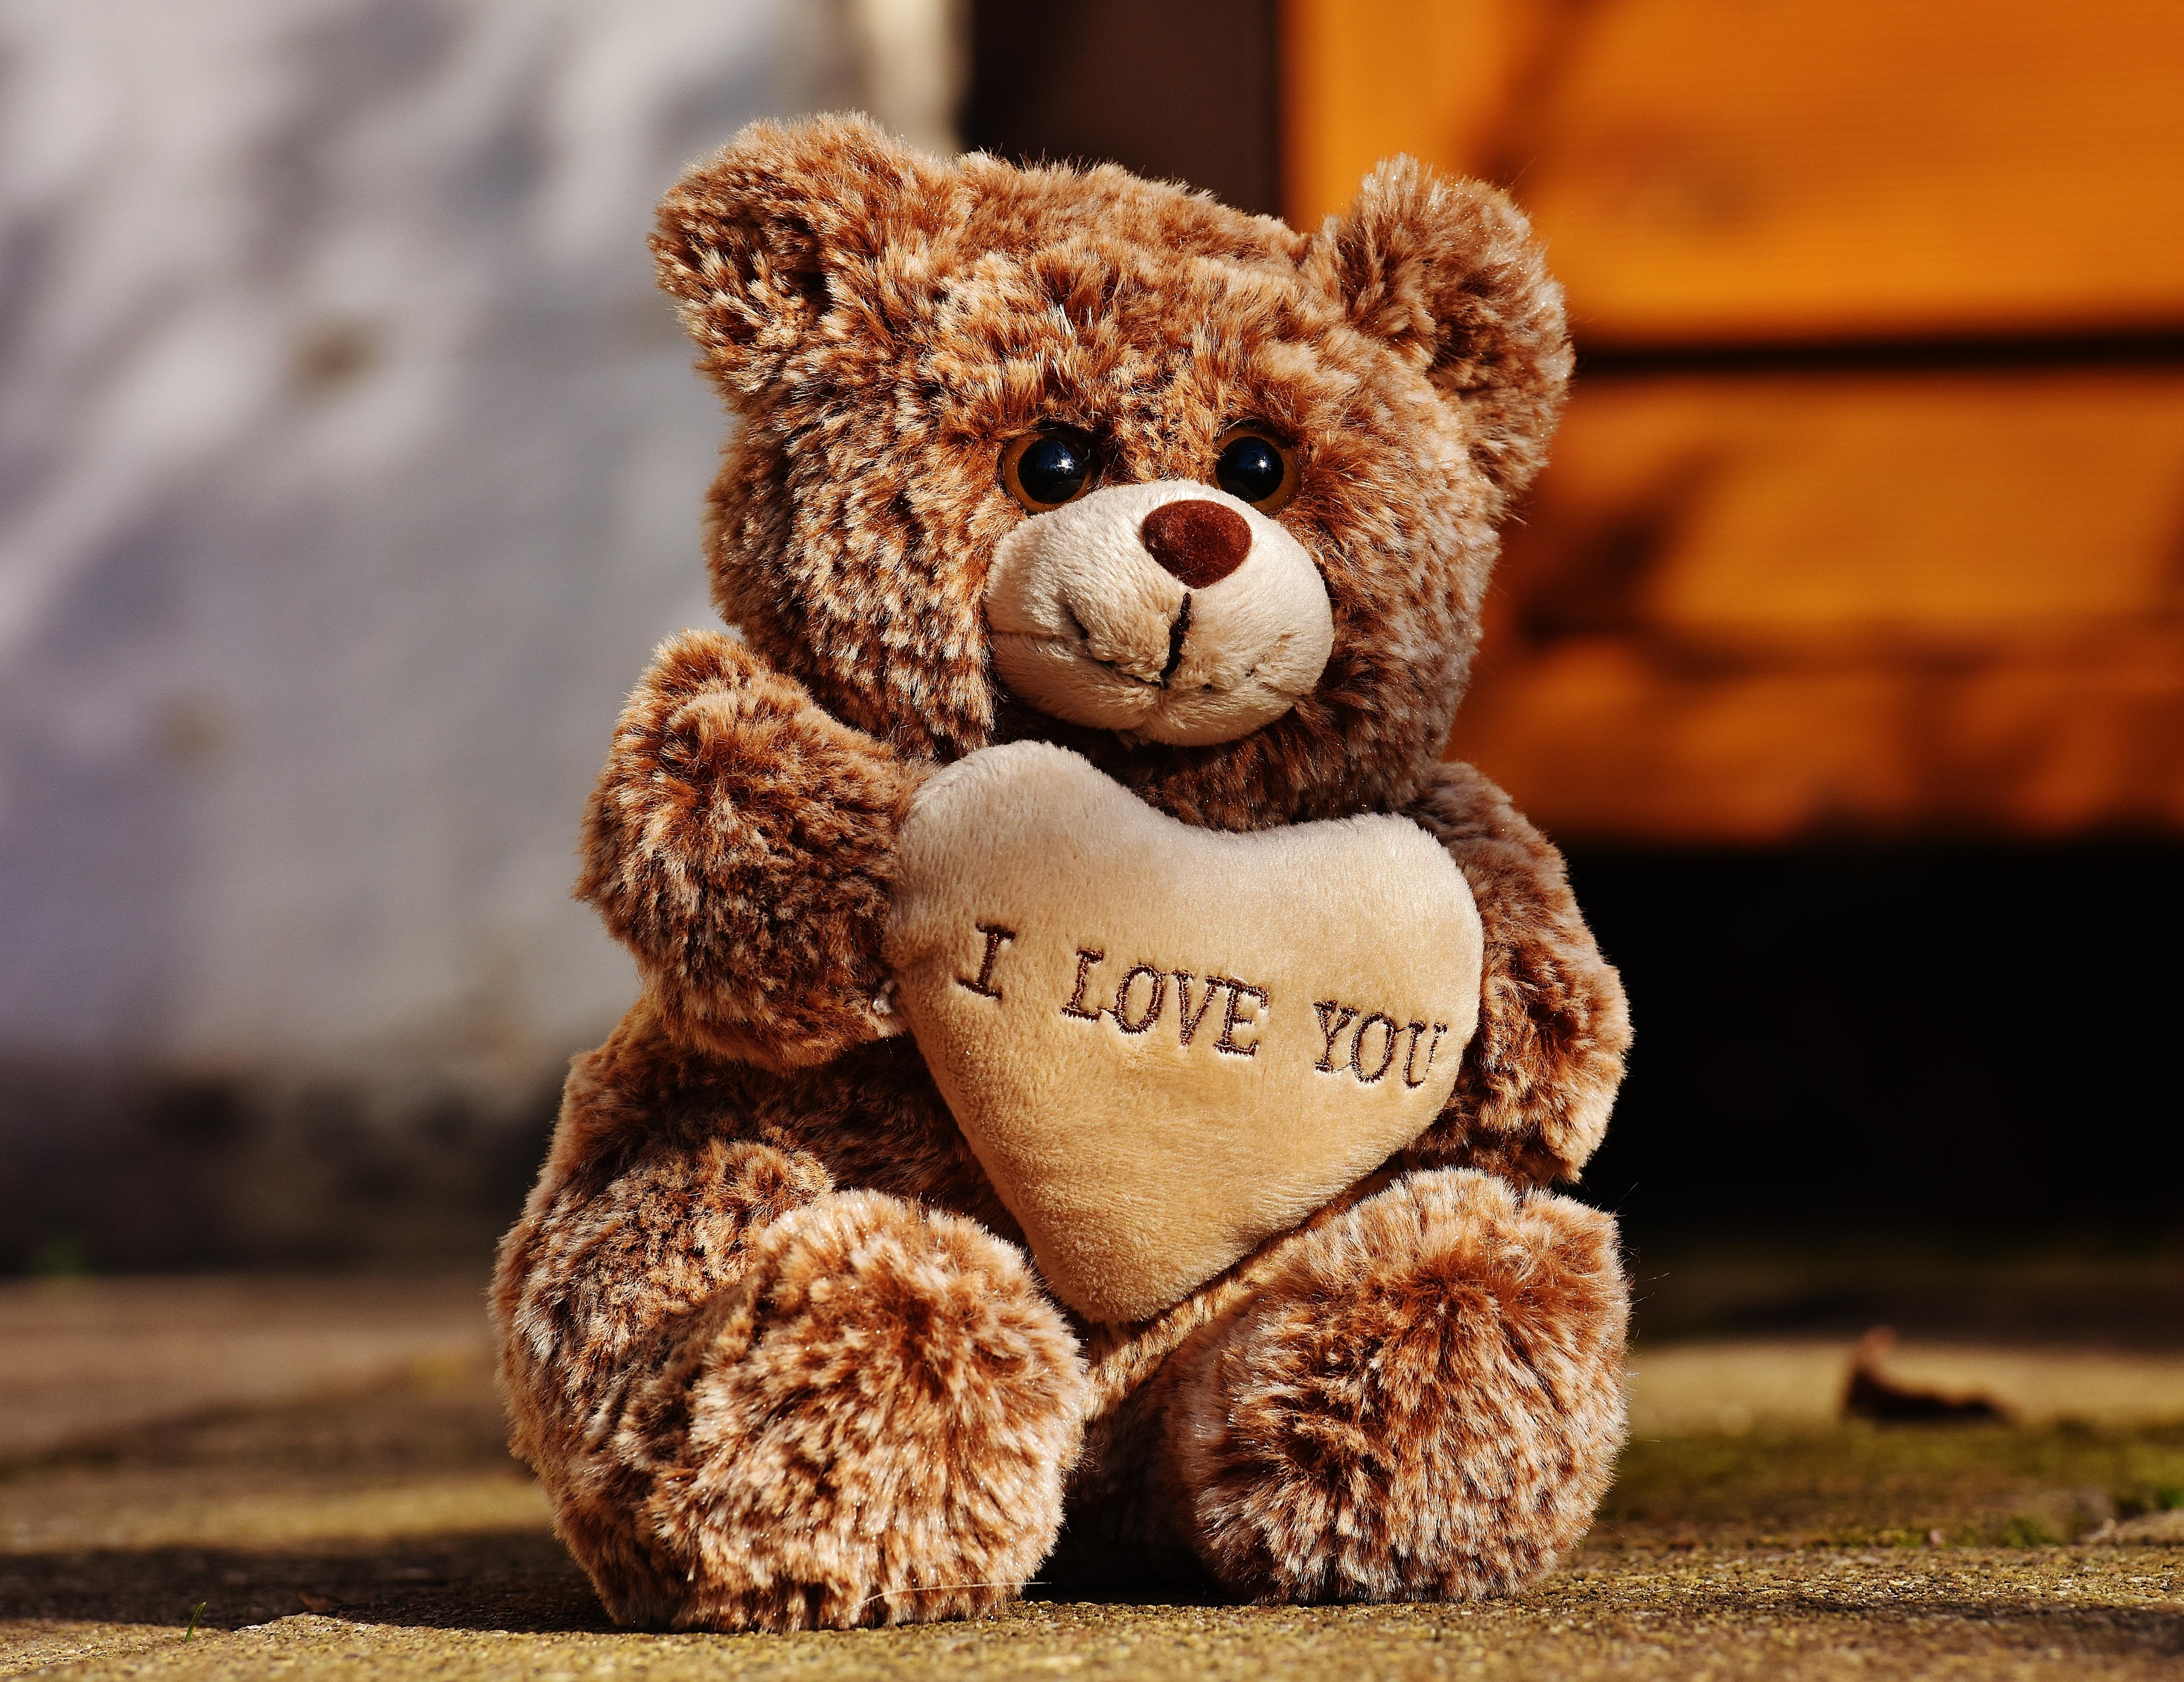 gratis afbeeldingen teddy liefde knuffelbeer pluche zoet bears schattig romantisch. Black Bedroom Furniture Sets. Home Design Ideas